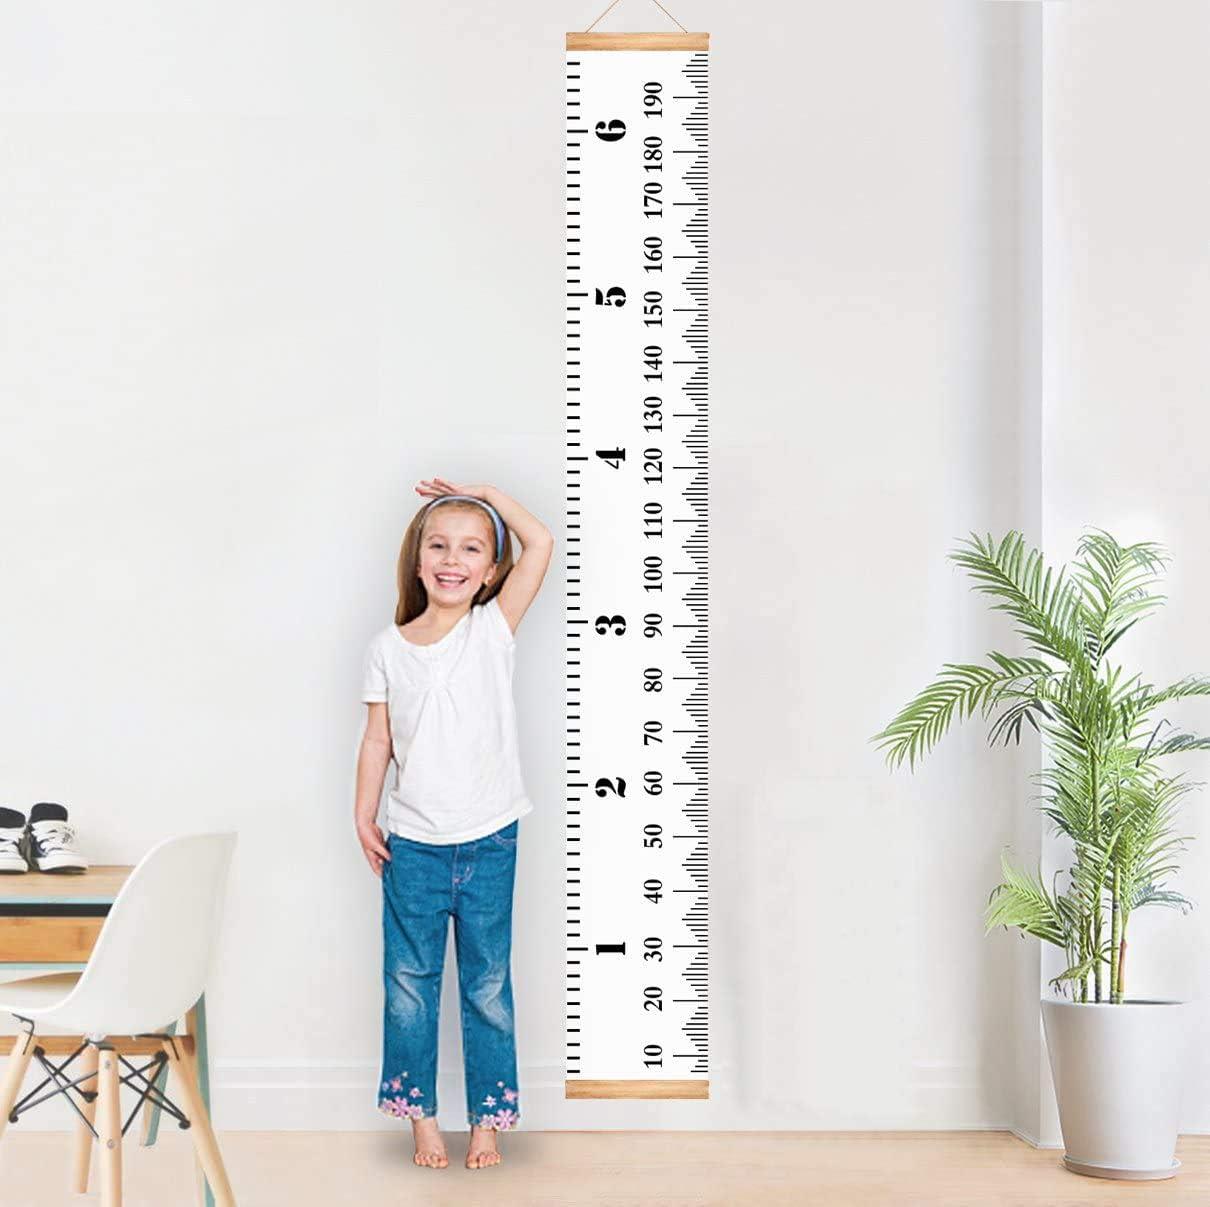 Lorcoo Gráficos de crecimiento para colgar en la pared, Tabla de Crecimiento Infantil Medidor de Aaltura Infantil para niños y niñas, Decoración de la habitación de los niños